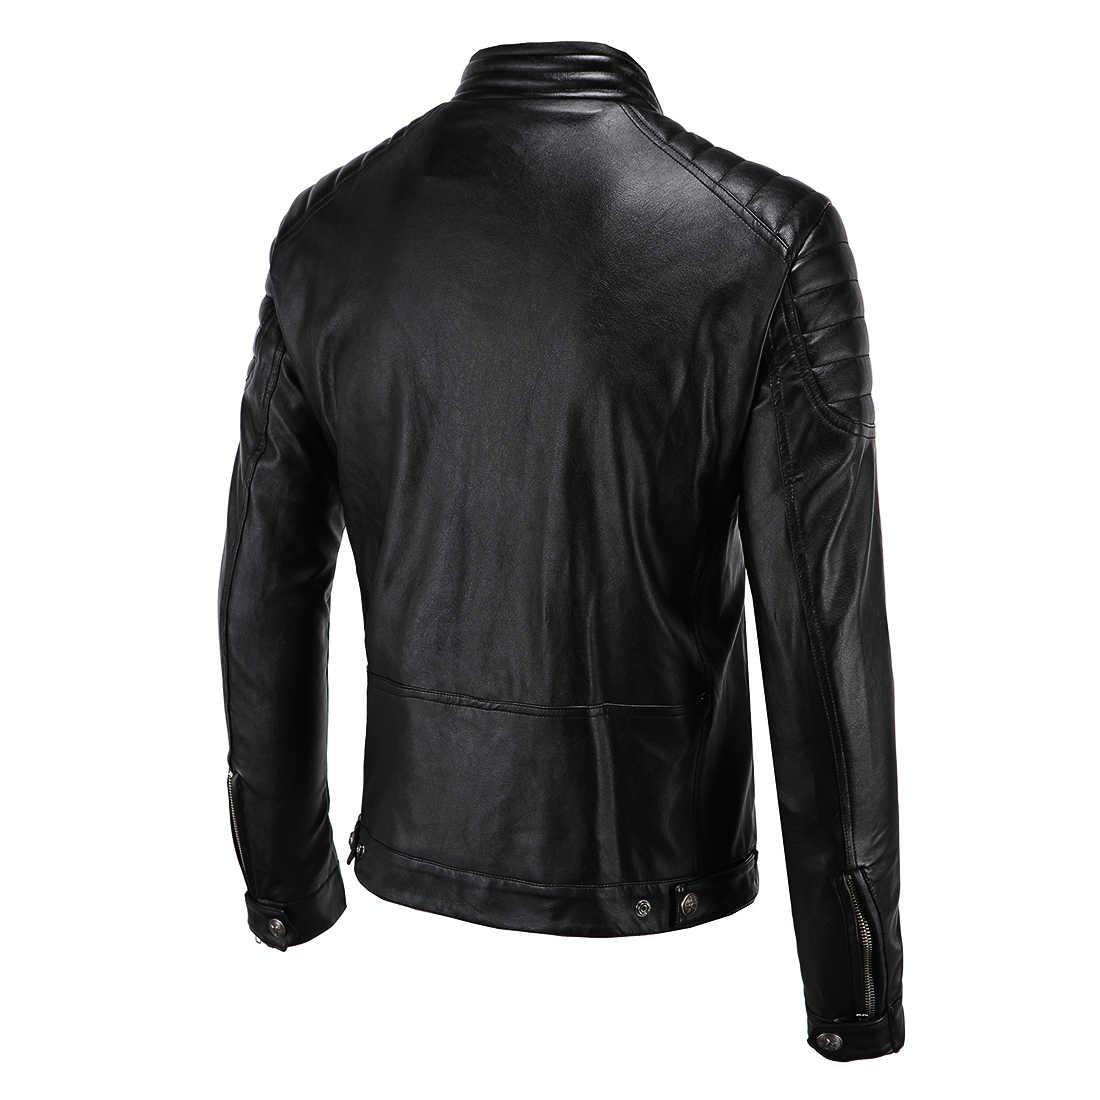 фото дизайн куртки кожа ткань мужская эту аппликацию фотографию